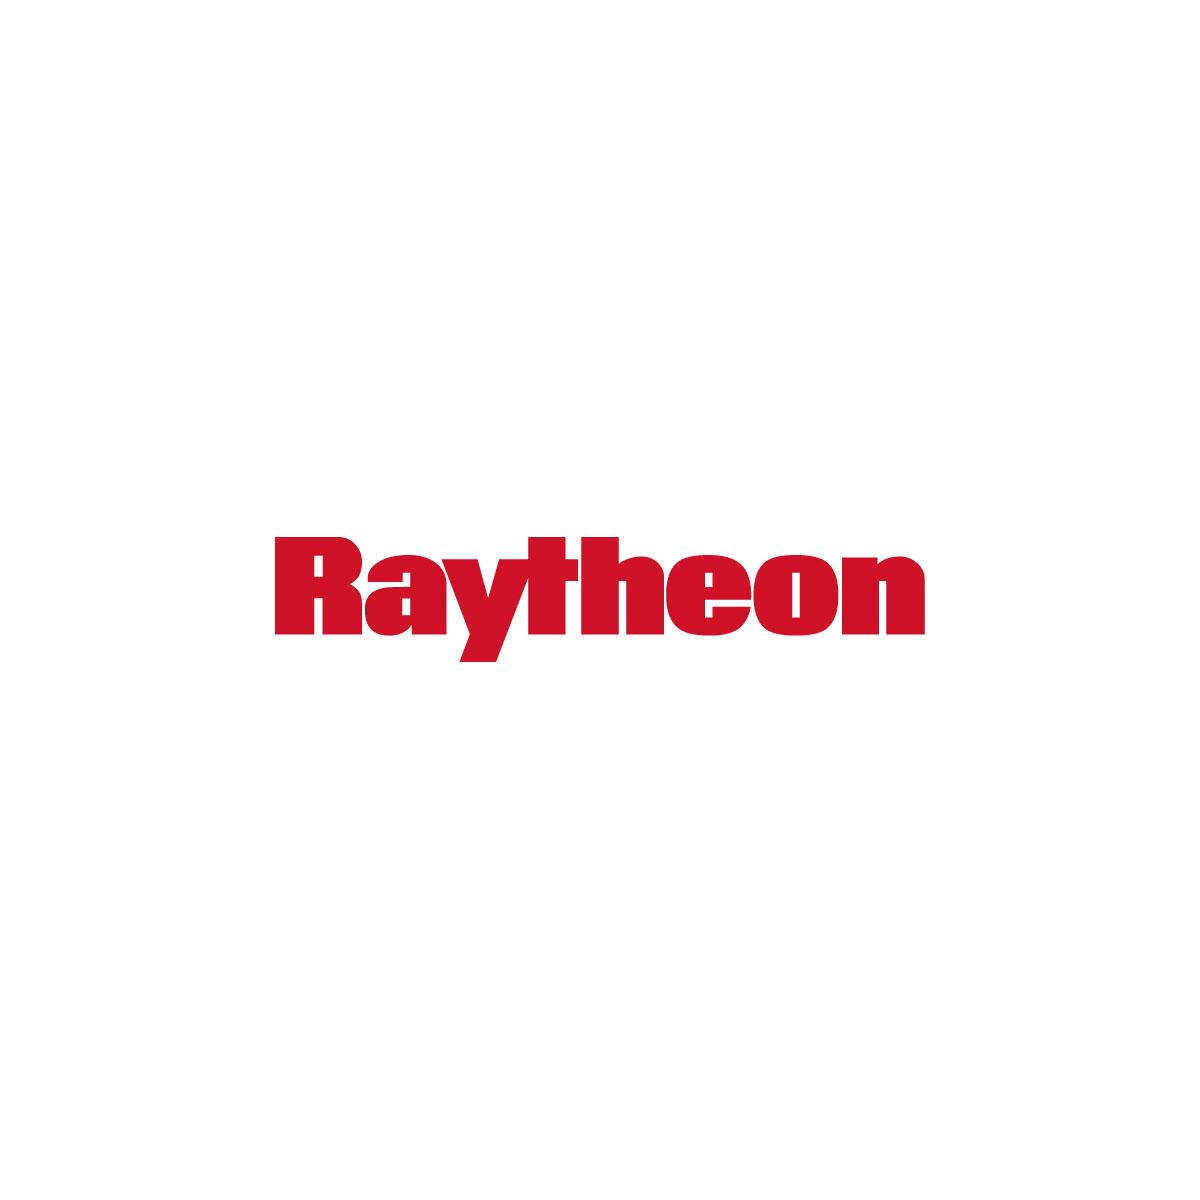 Raytheon_Sized.jpg